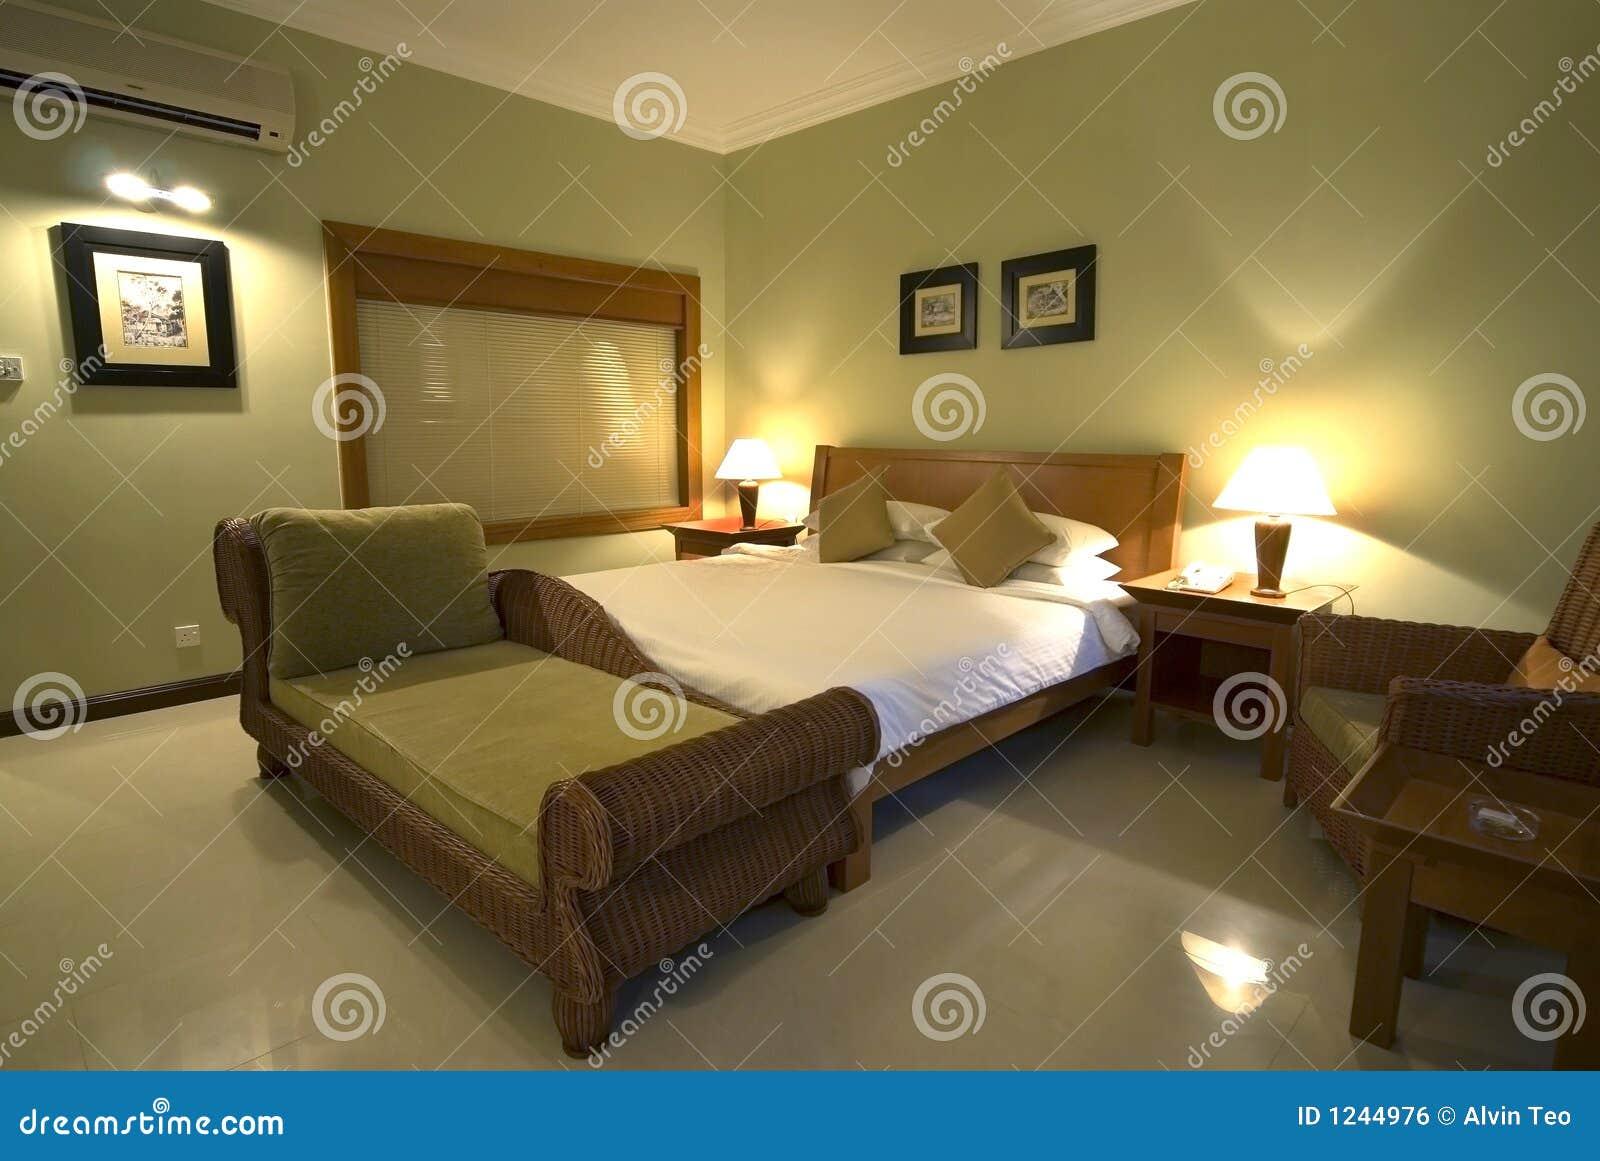 Camera di albergo